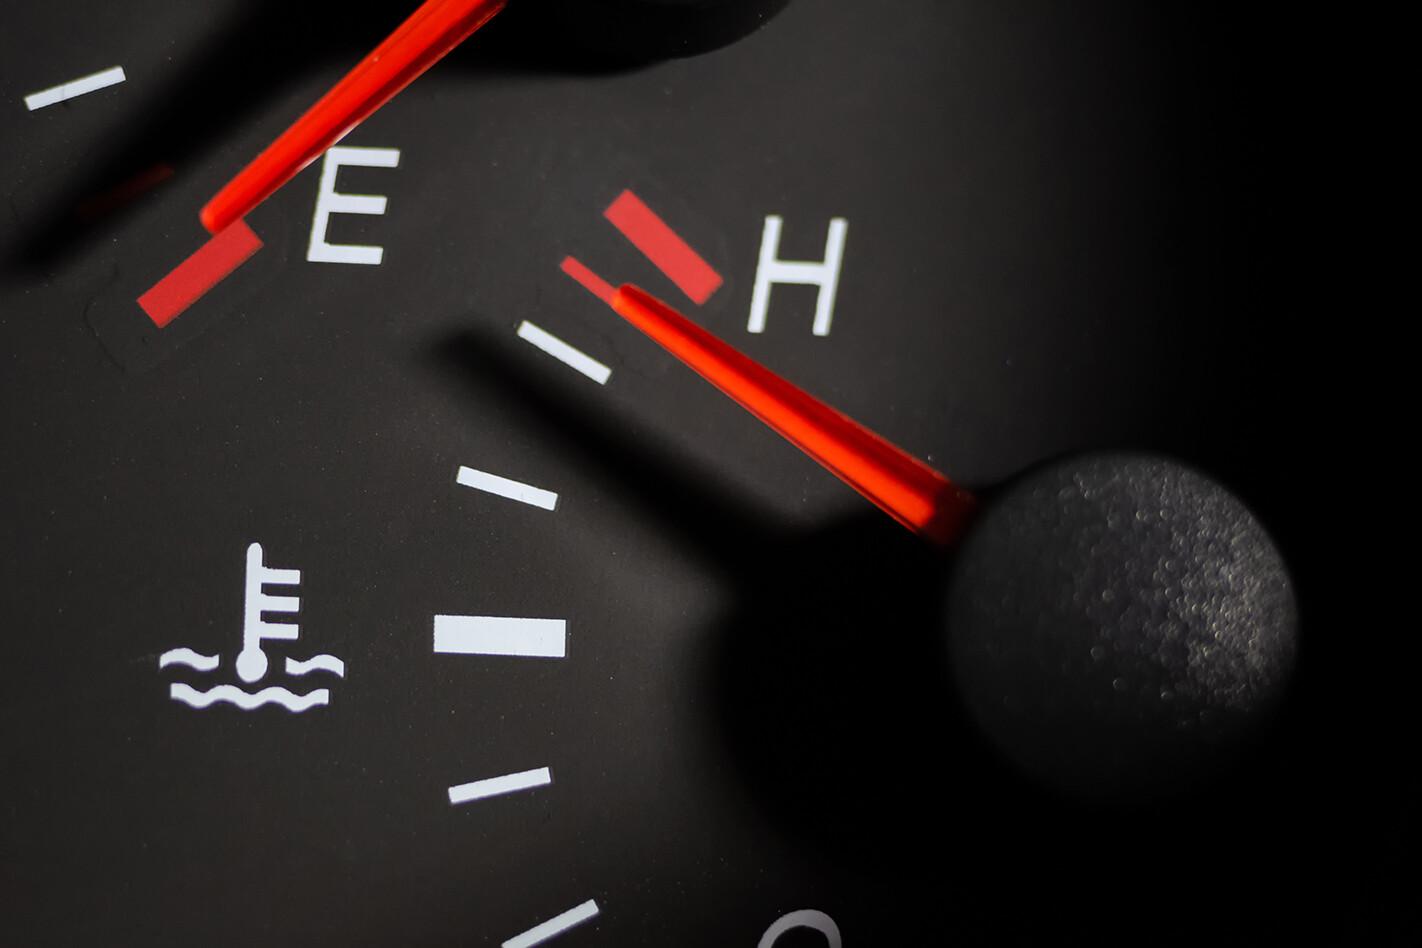 Engine rtemperatire gauge hot